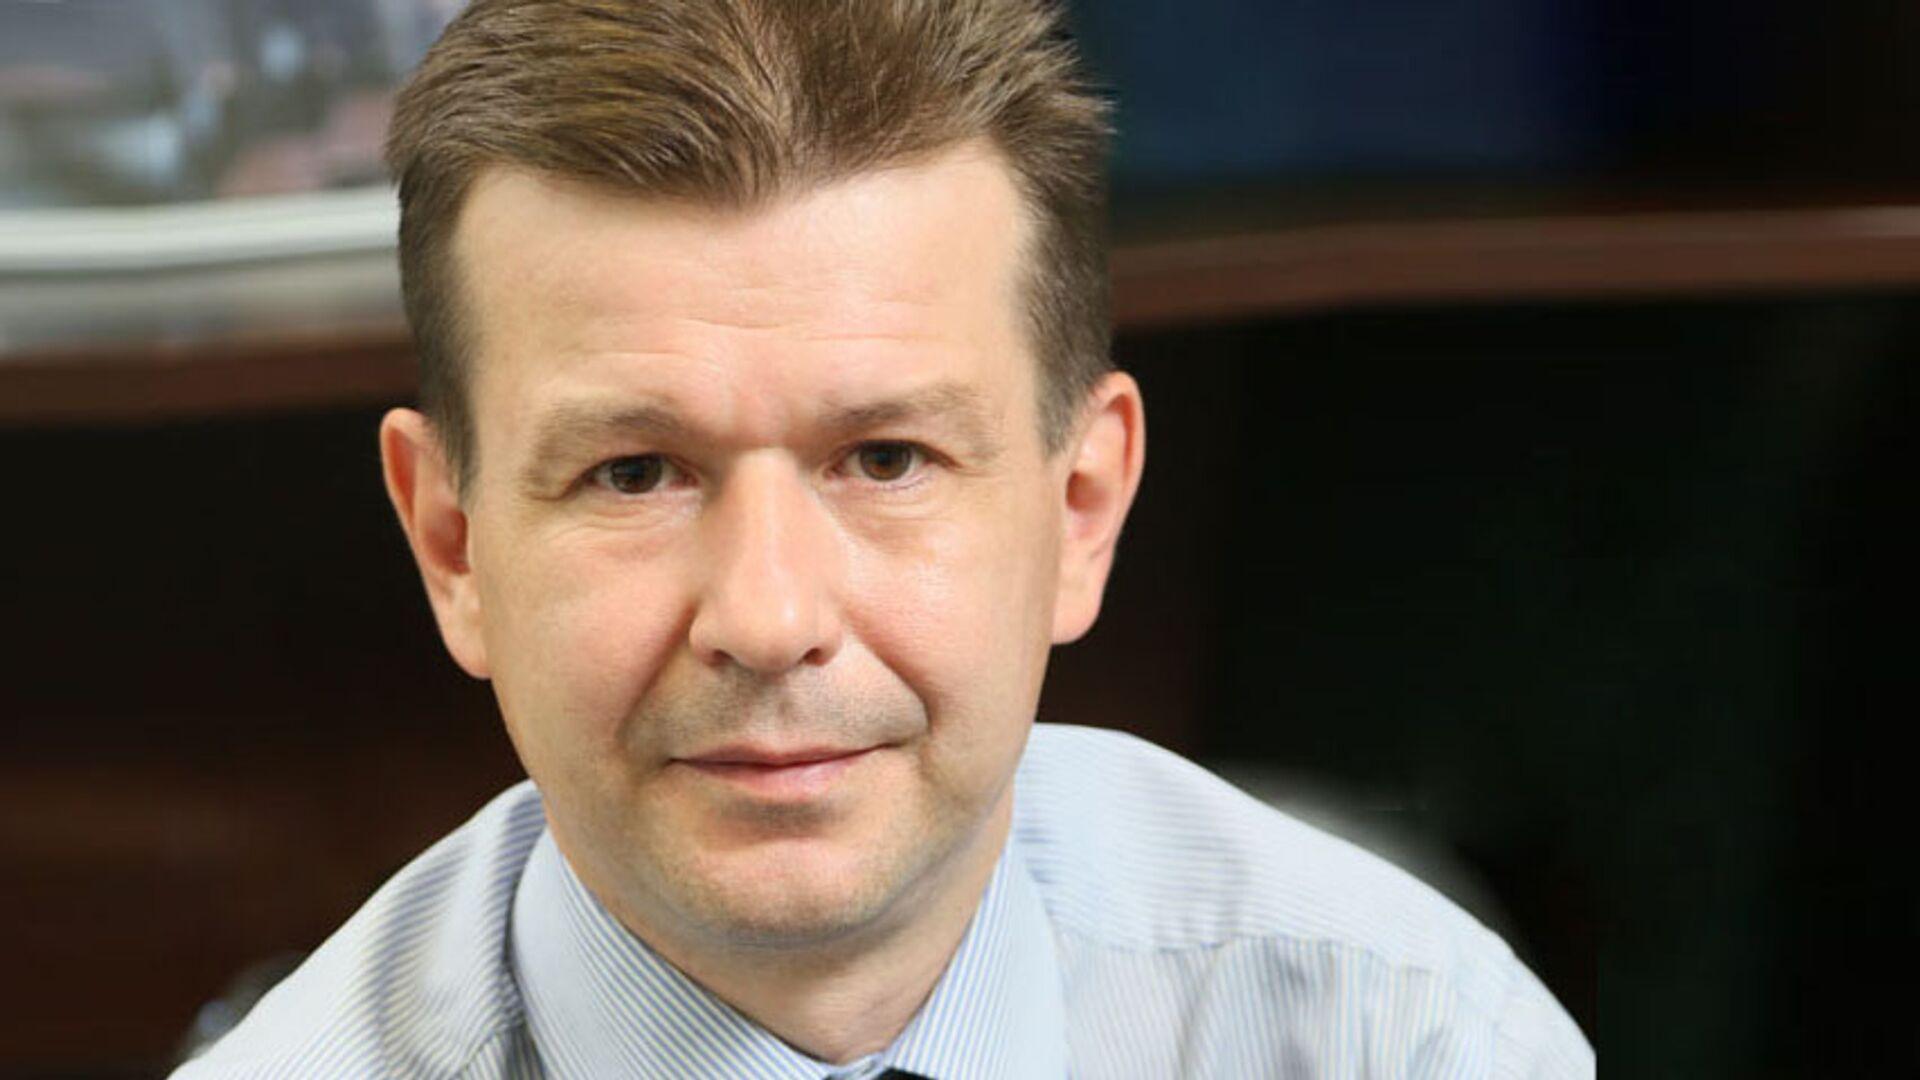 Глава департамента развития IT-архитектуры банка ВТБ Илья Старостин - РИА Новости, 1920, 10.07.2020